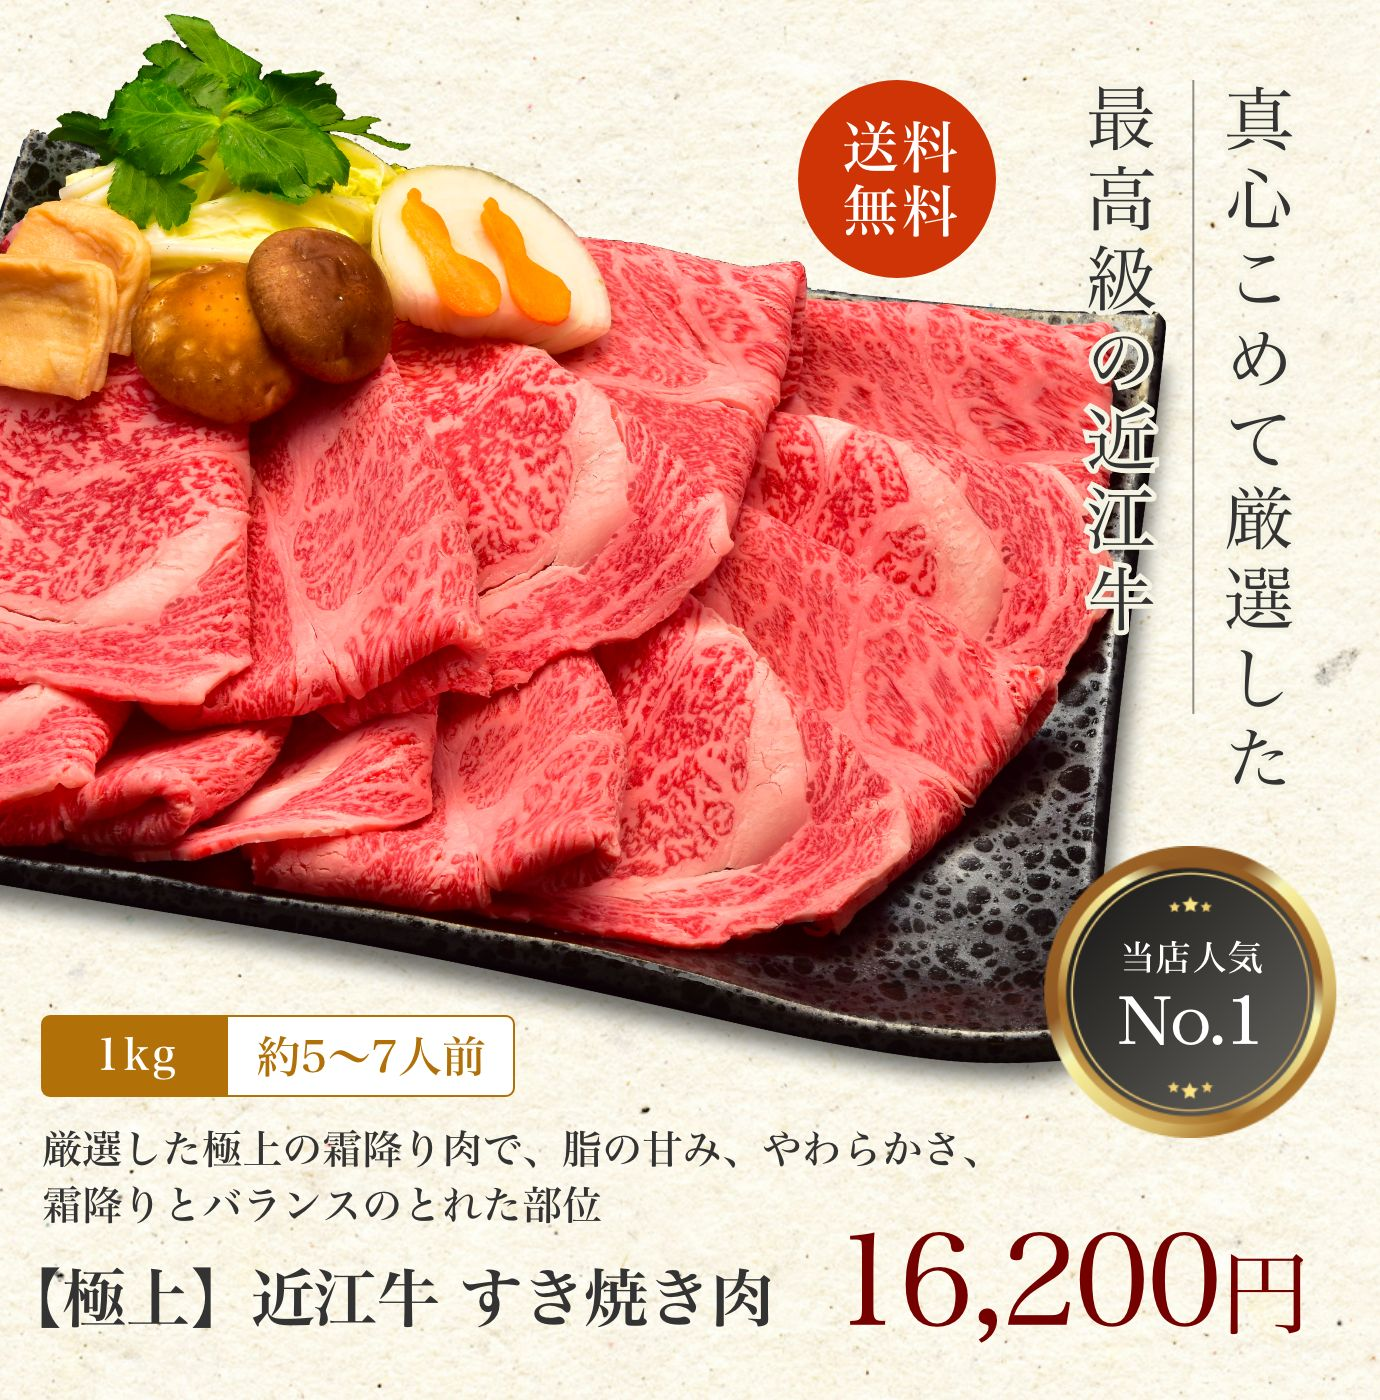 極上 すき焼き肉 1kg